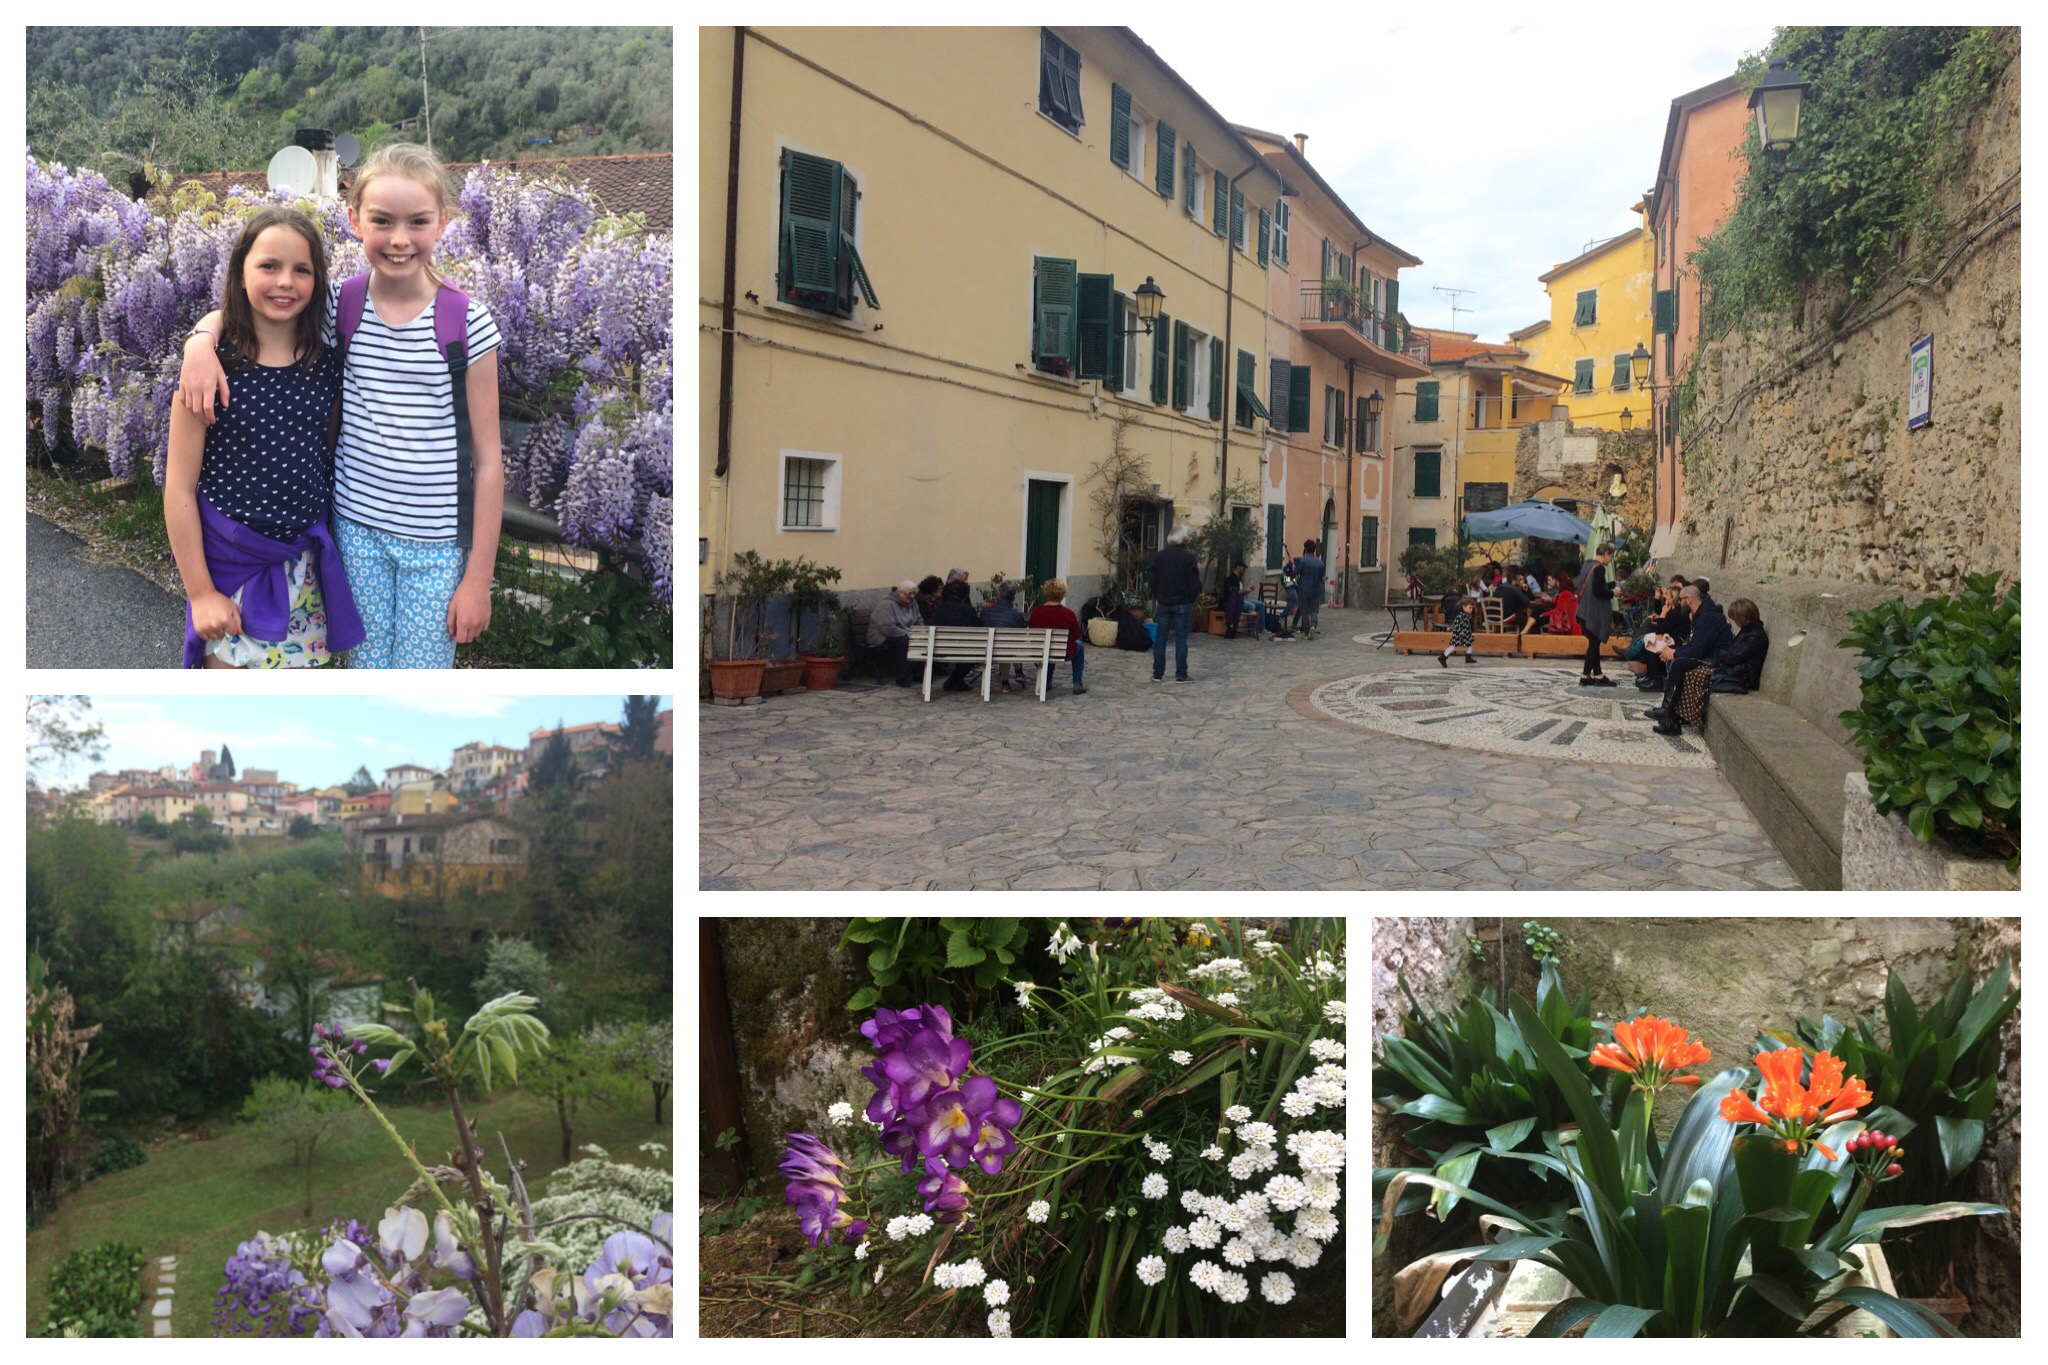 Liguria - Ameglia Piazza della Libertà